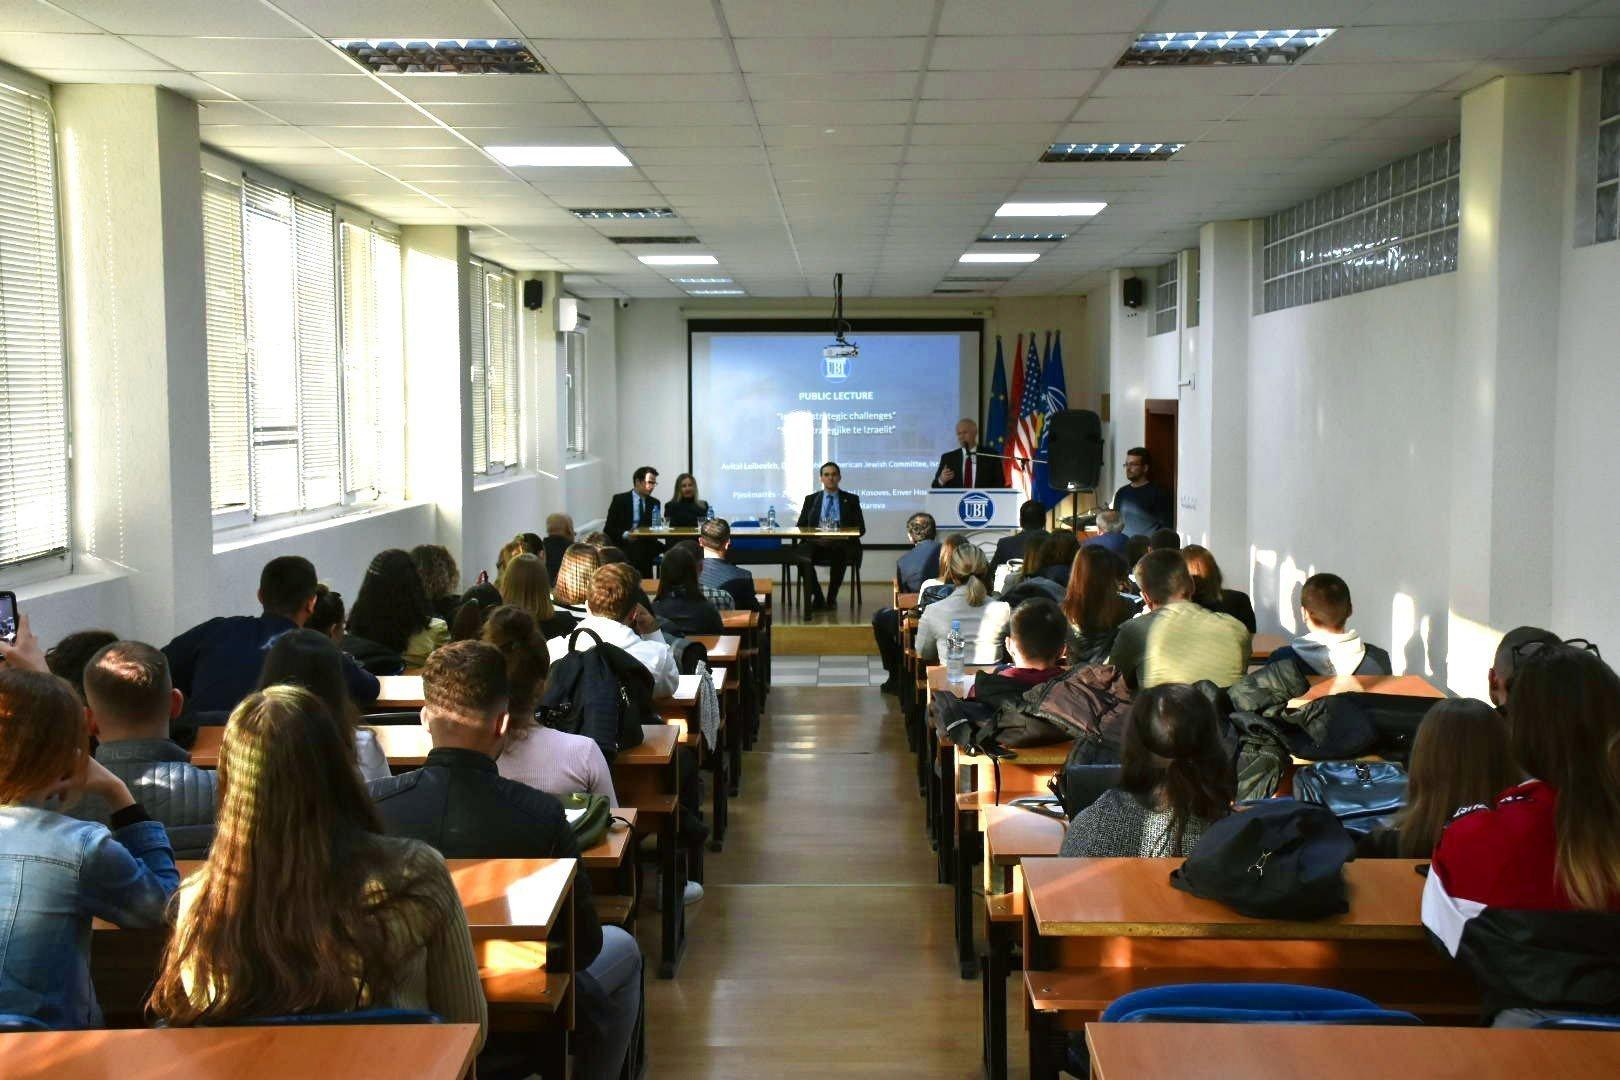 Konferenca Ndërkombëtare e Medias, Komunikimit dhe Gazetarisë, Shkencave Politike dhe Juridikut ka nisur mbledhjen e abstrakteve